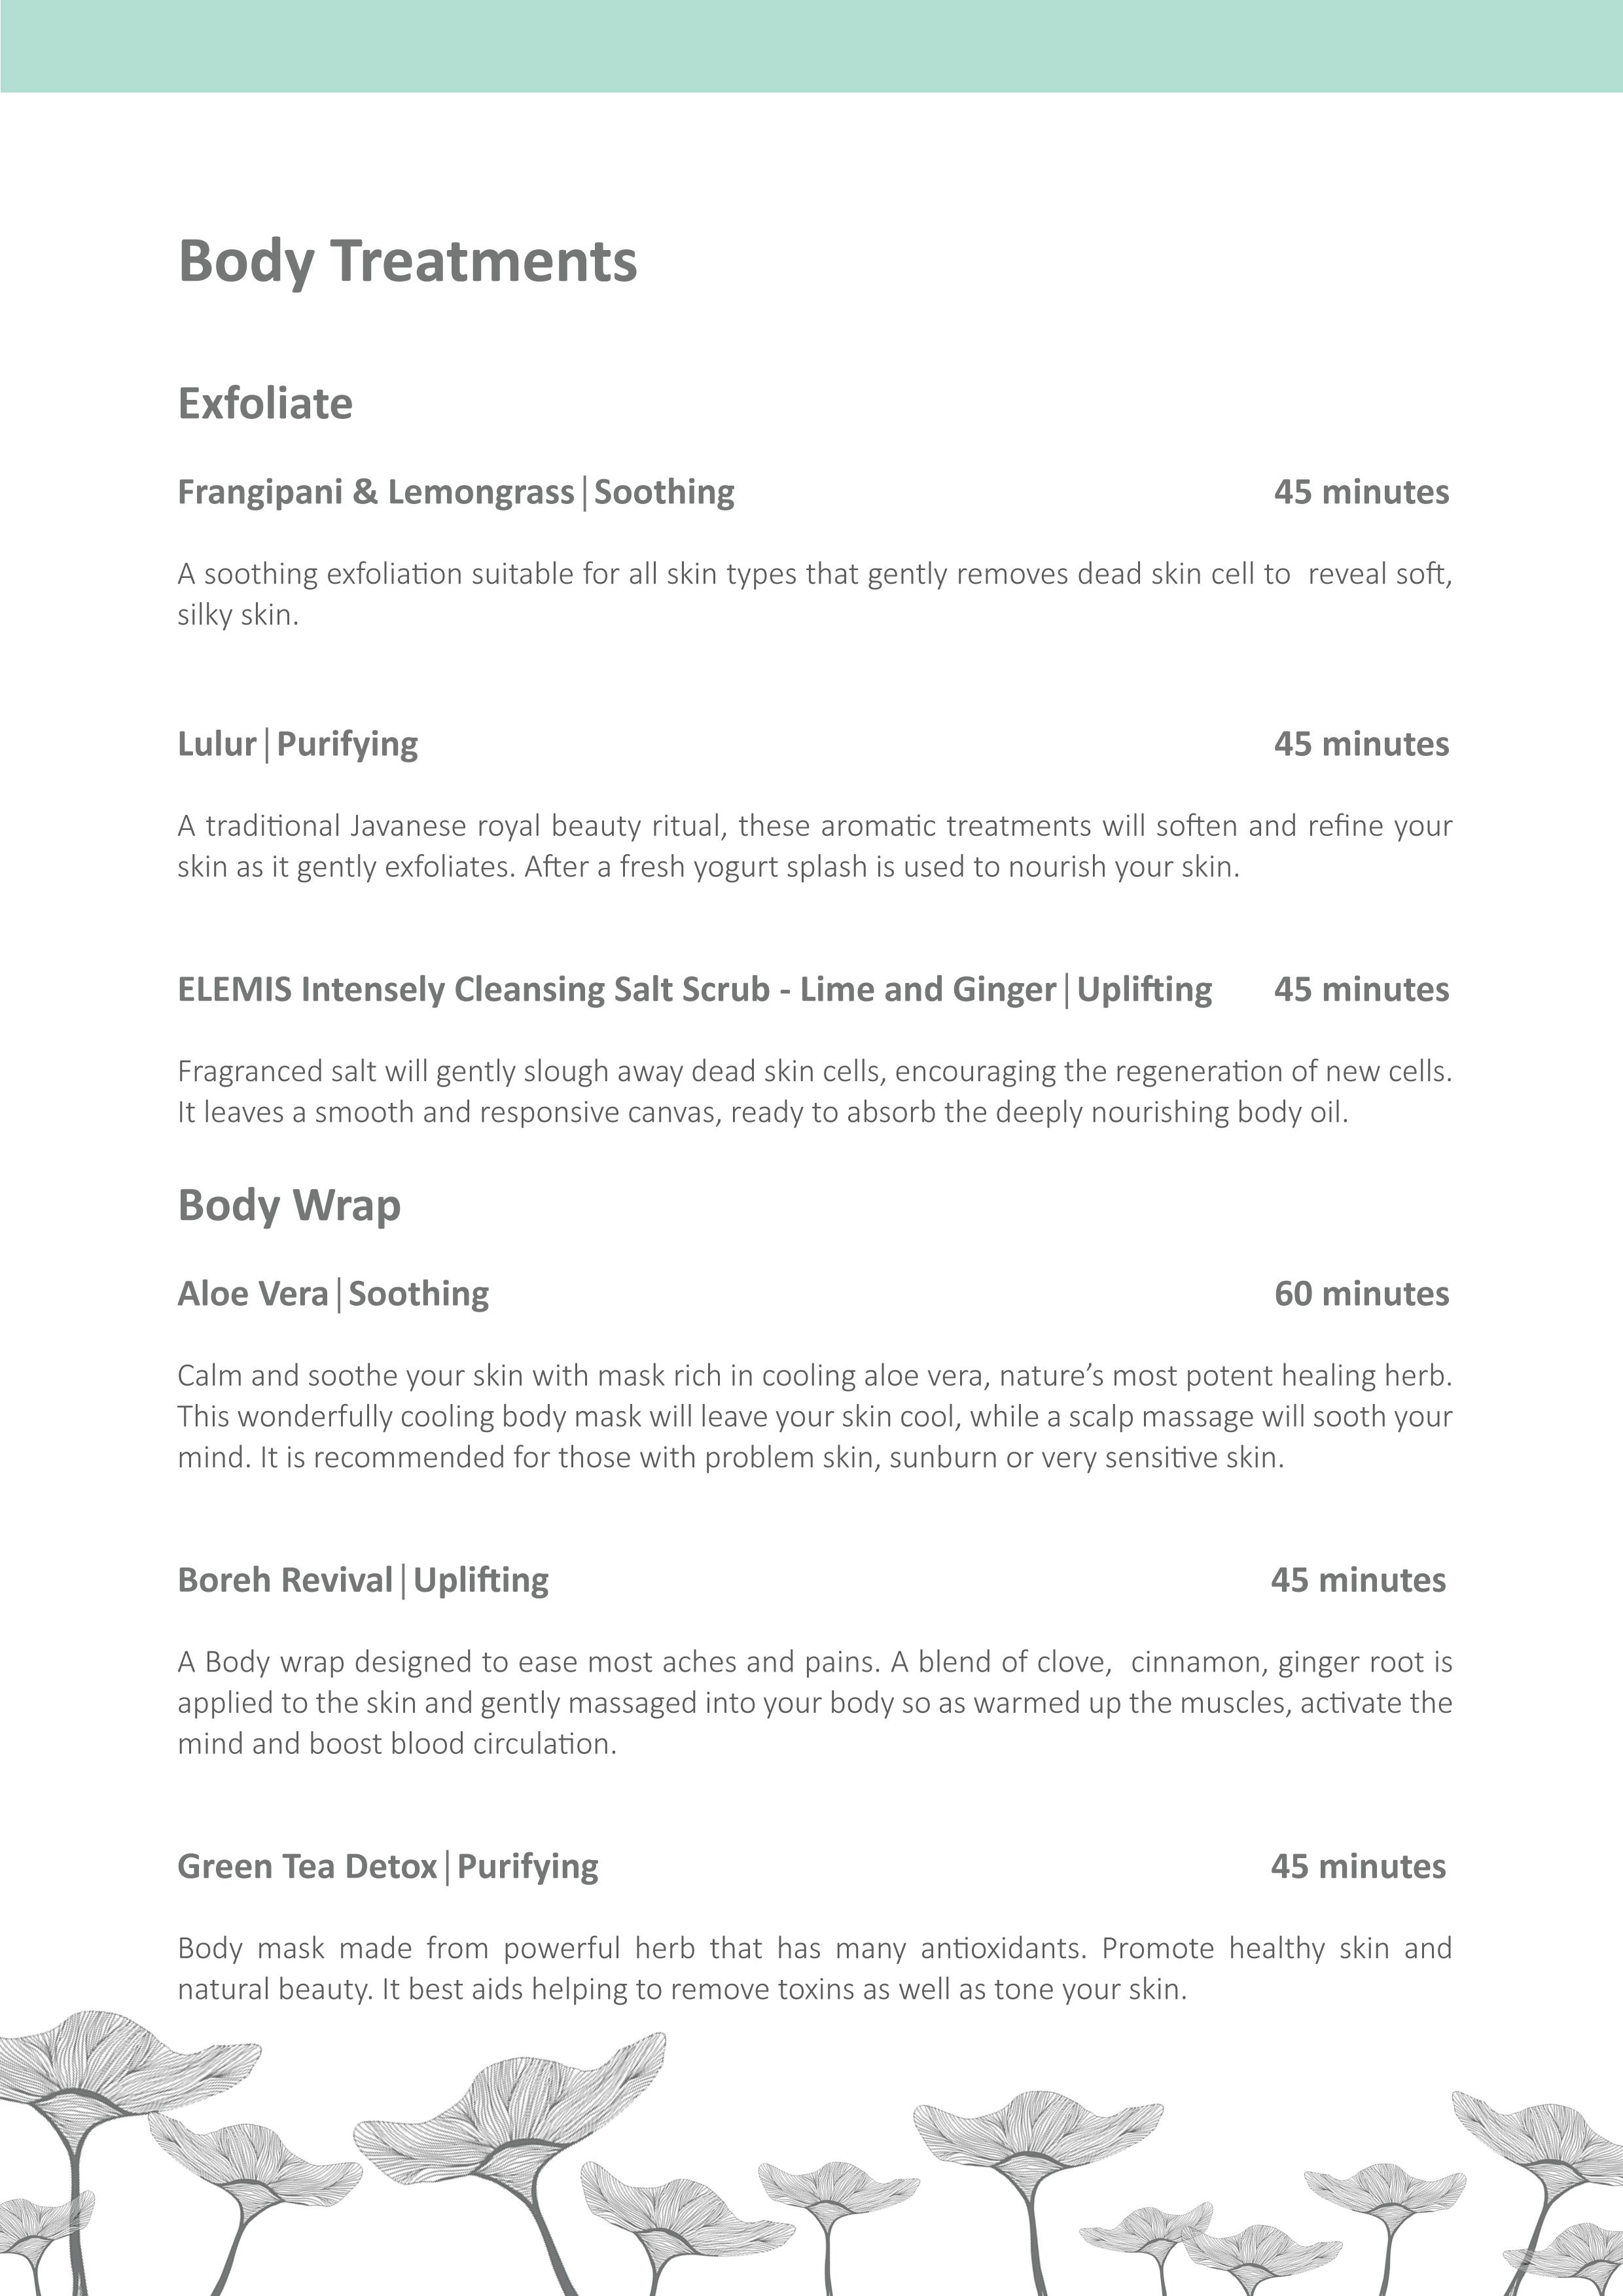 body-treatments-11